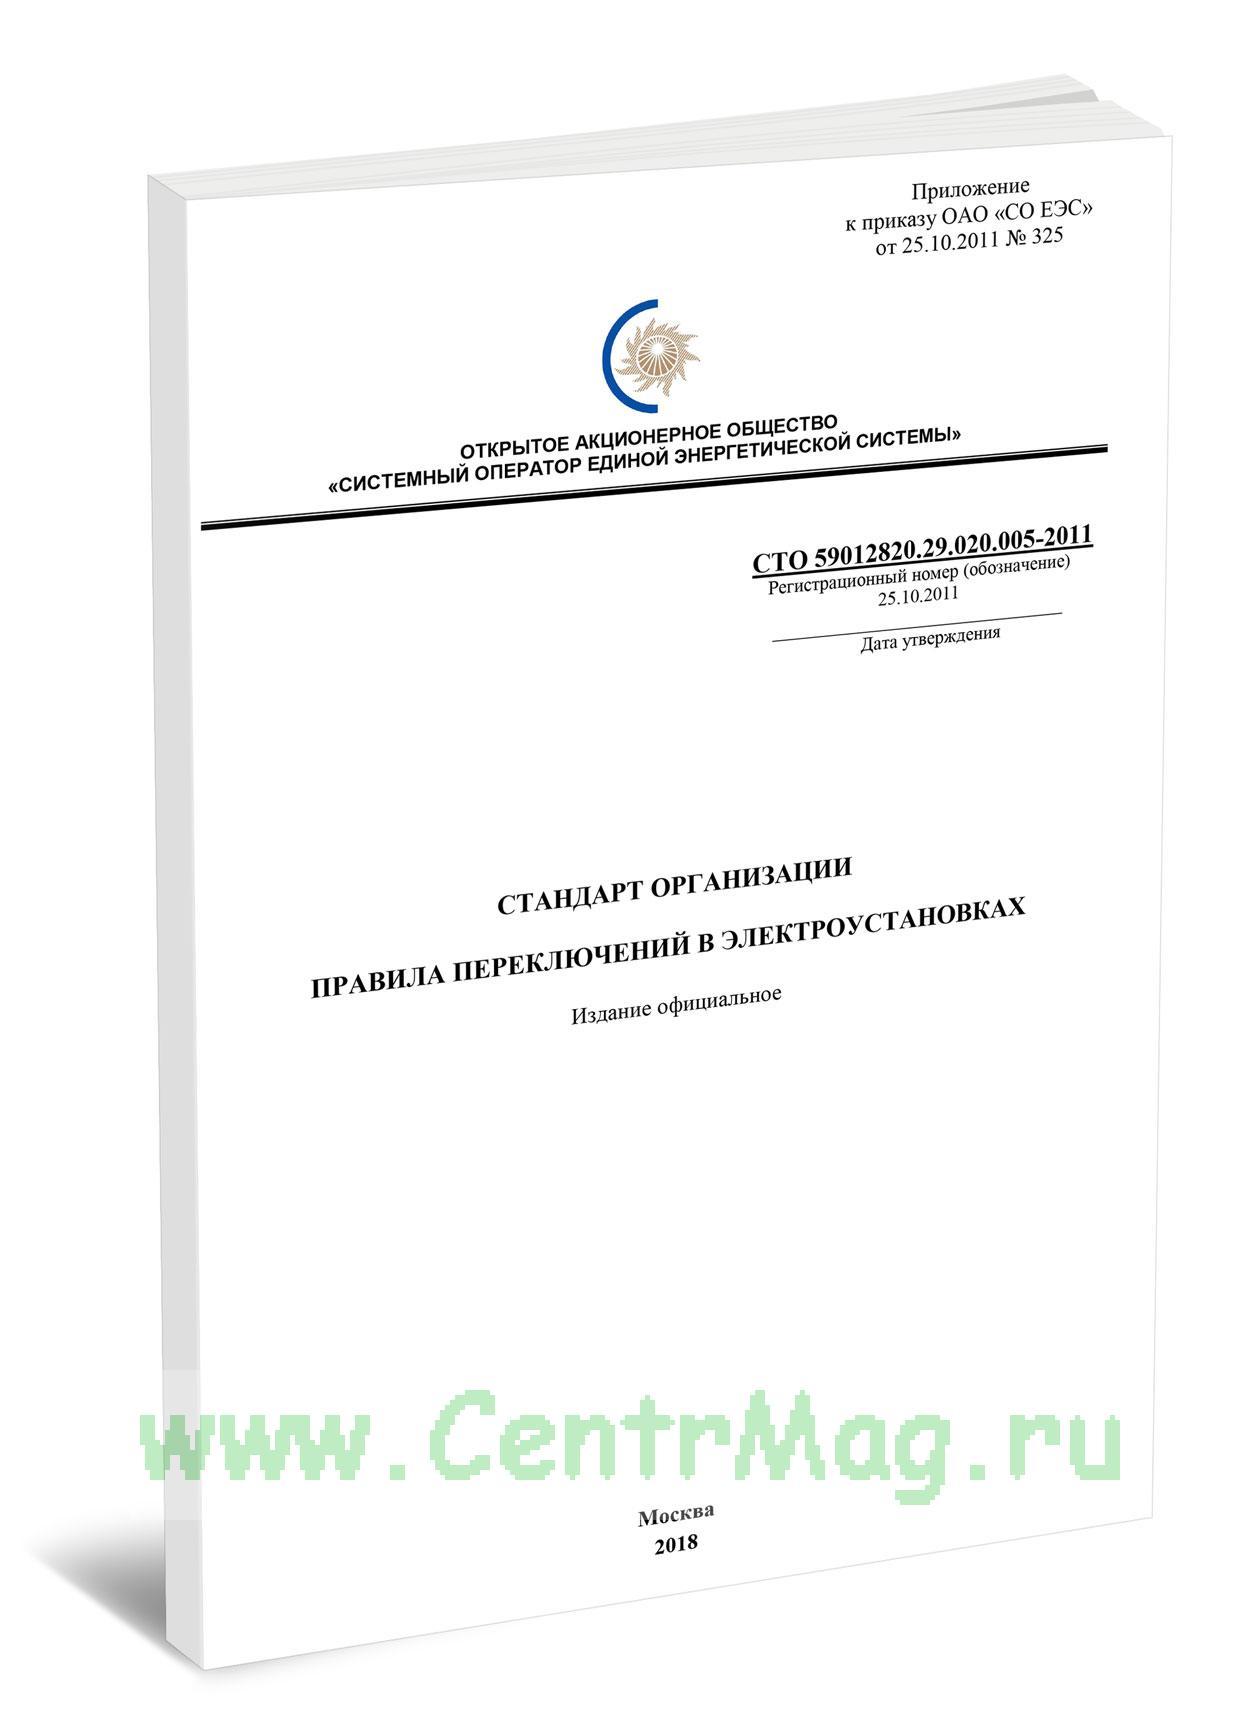 Правила переключения в электроустановках. СТО 59012820.29.020.005-2011